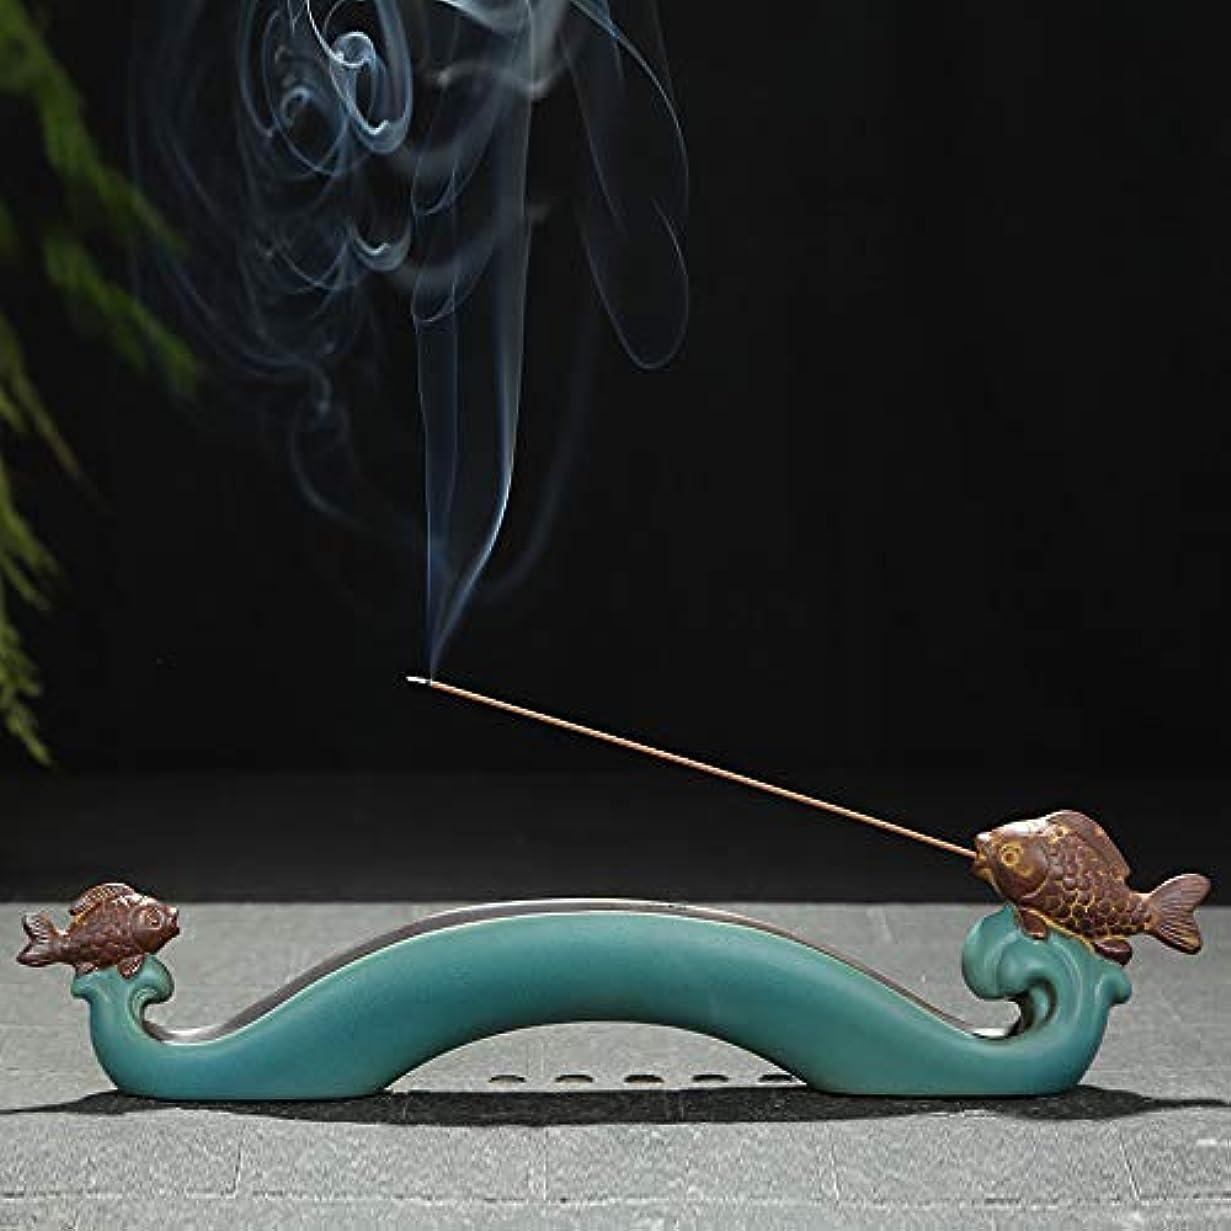 製造腹痛きれいにPHILOGOD 香炉 陶器クリエイティブ鯉のスタイリング線香 香立てお香 ホルダー 香皿